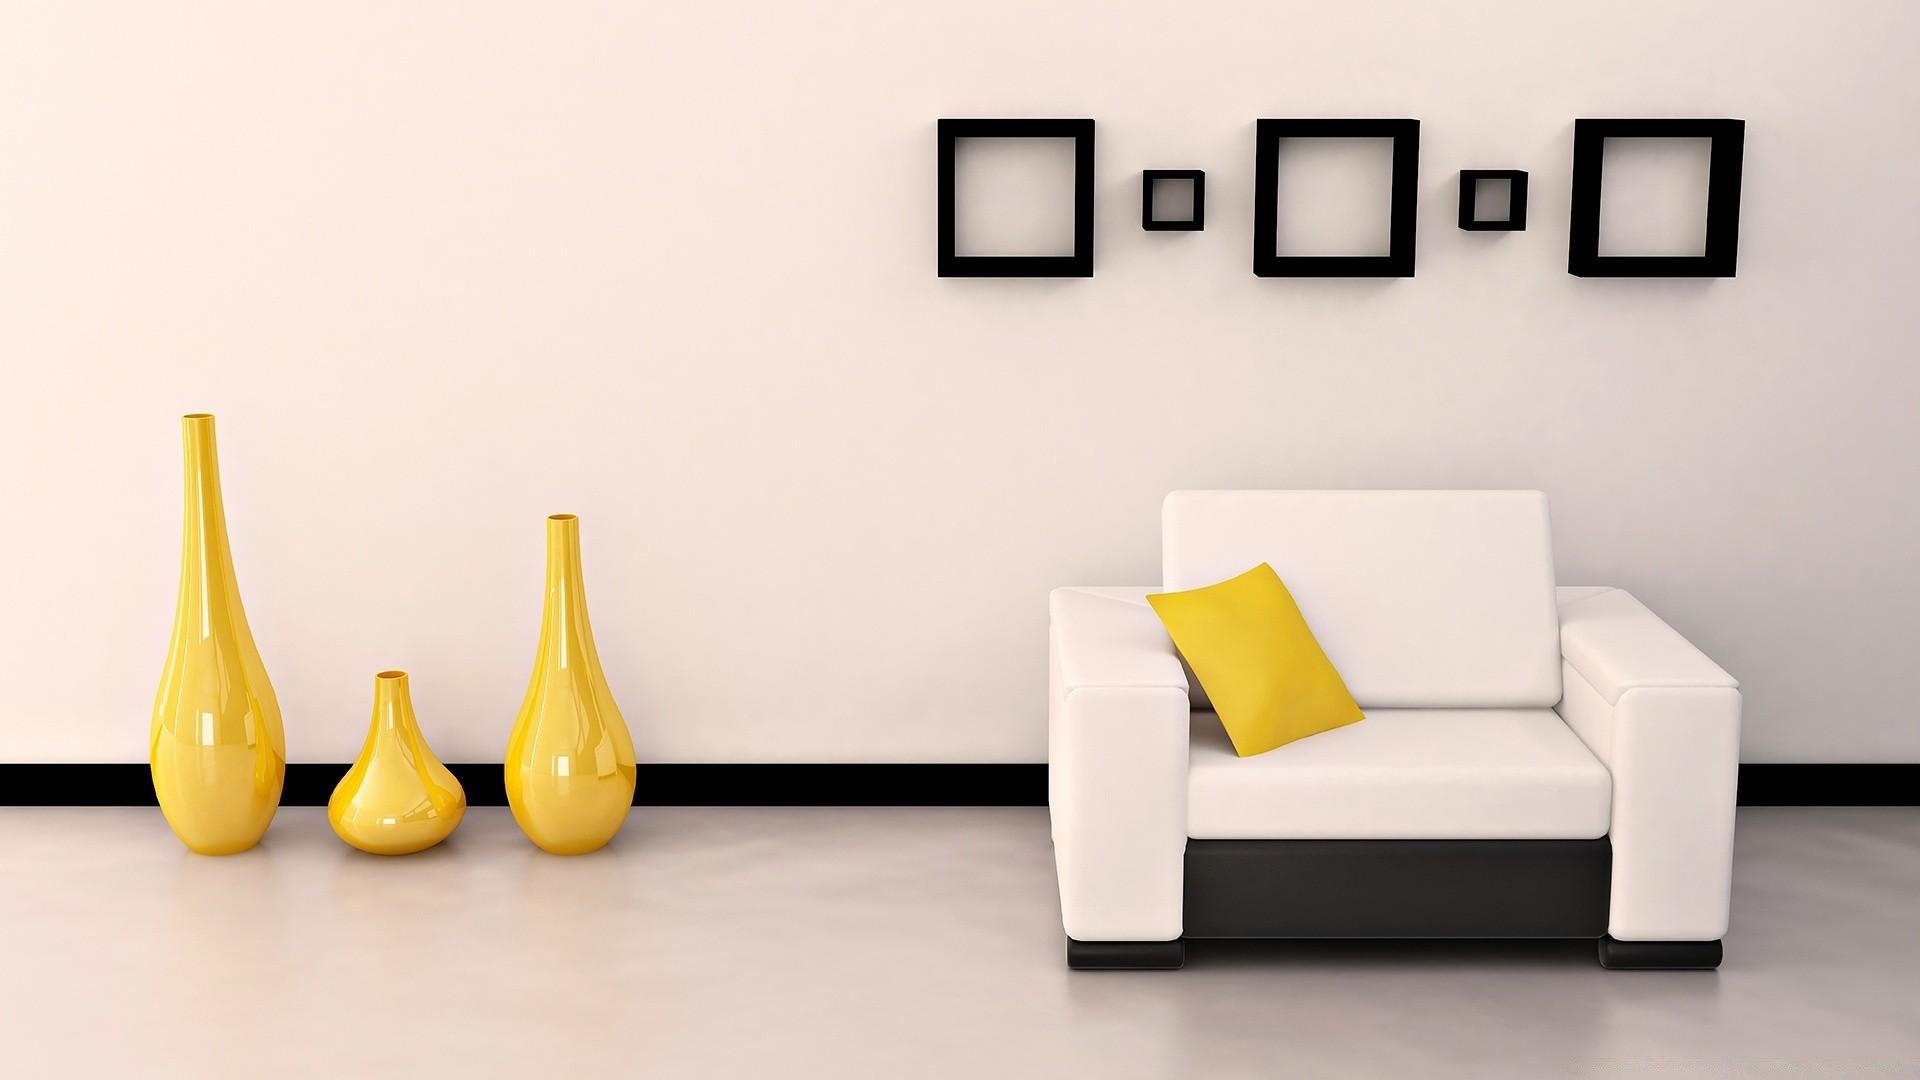 Комната в желто-белом стиле скачать